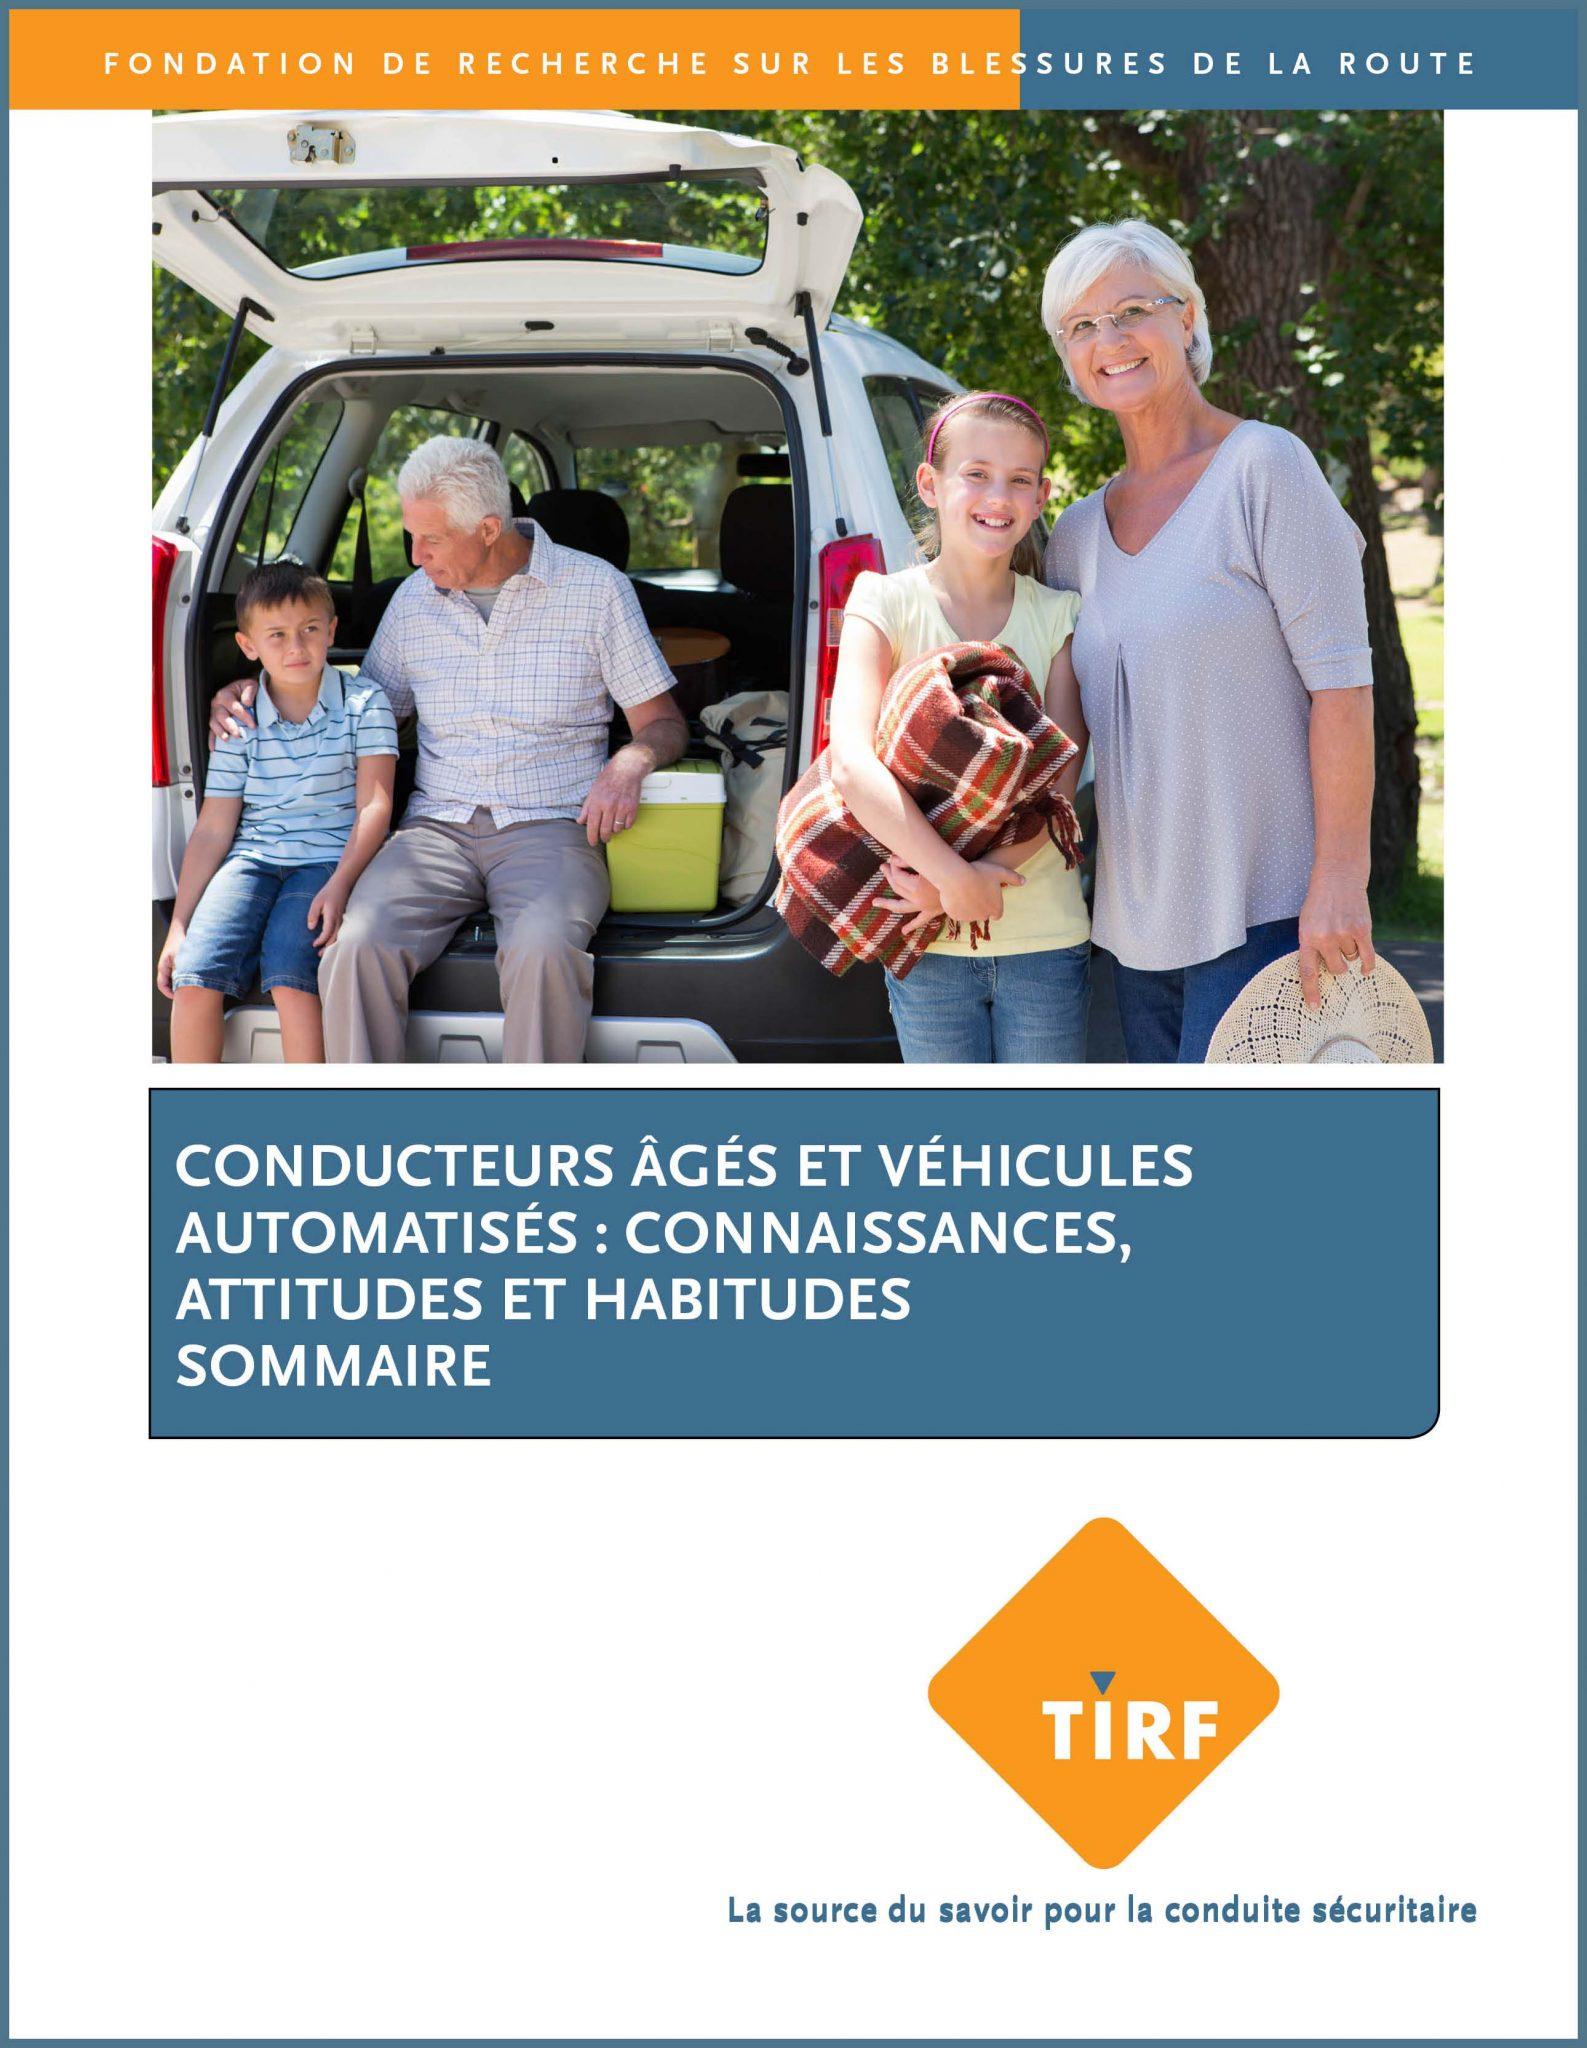 Conducteurs âgés et véhicules automatisés : connaissances, attitudes et habitudes Sommaire